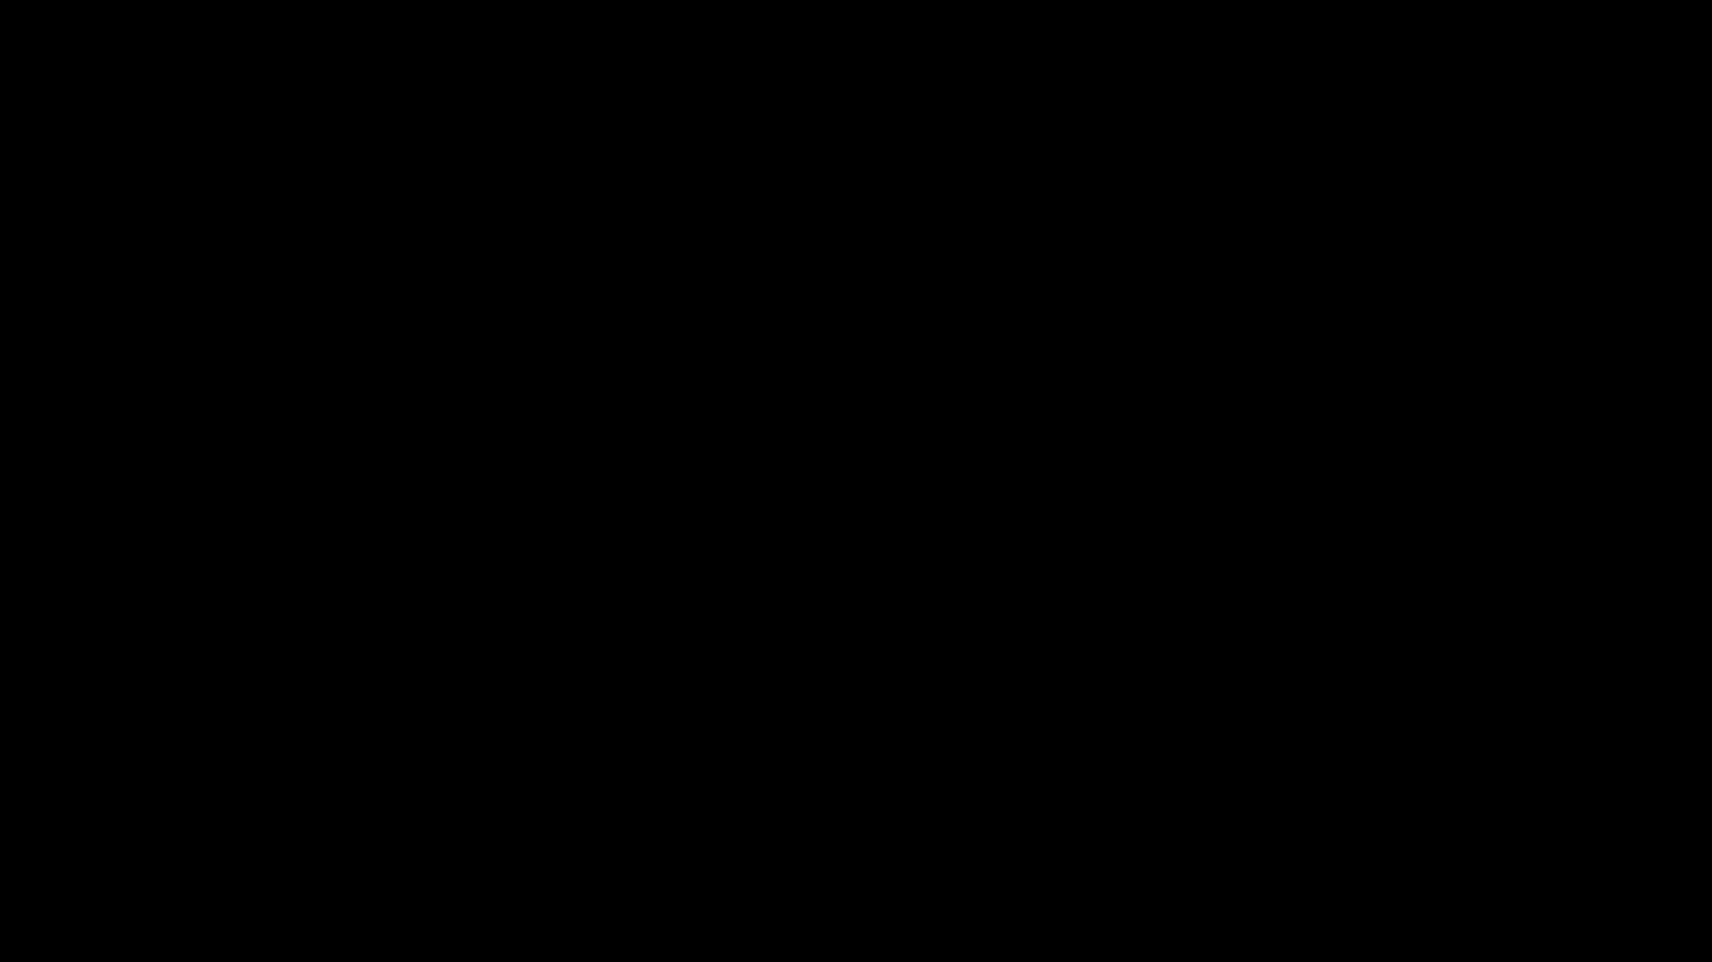 Sheer Black Pantyhose Tease